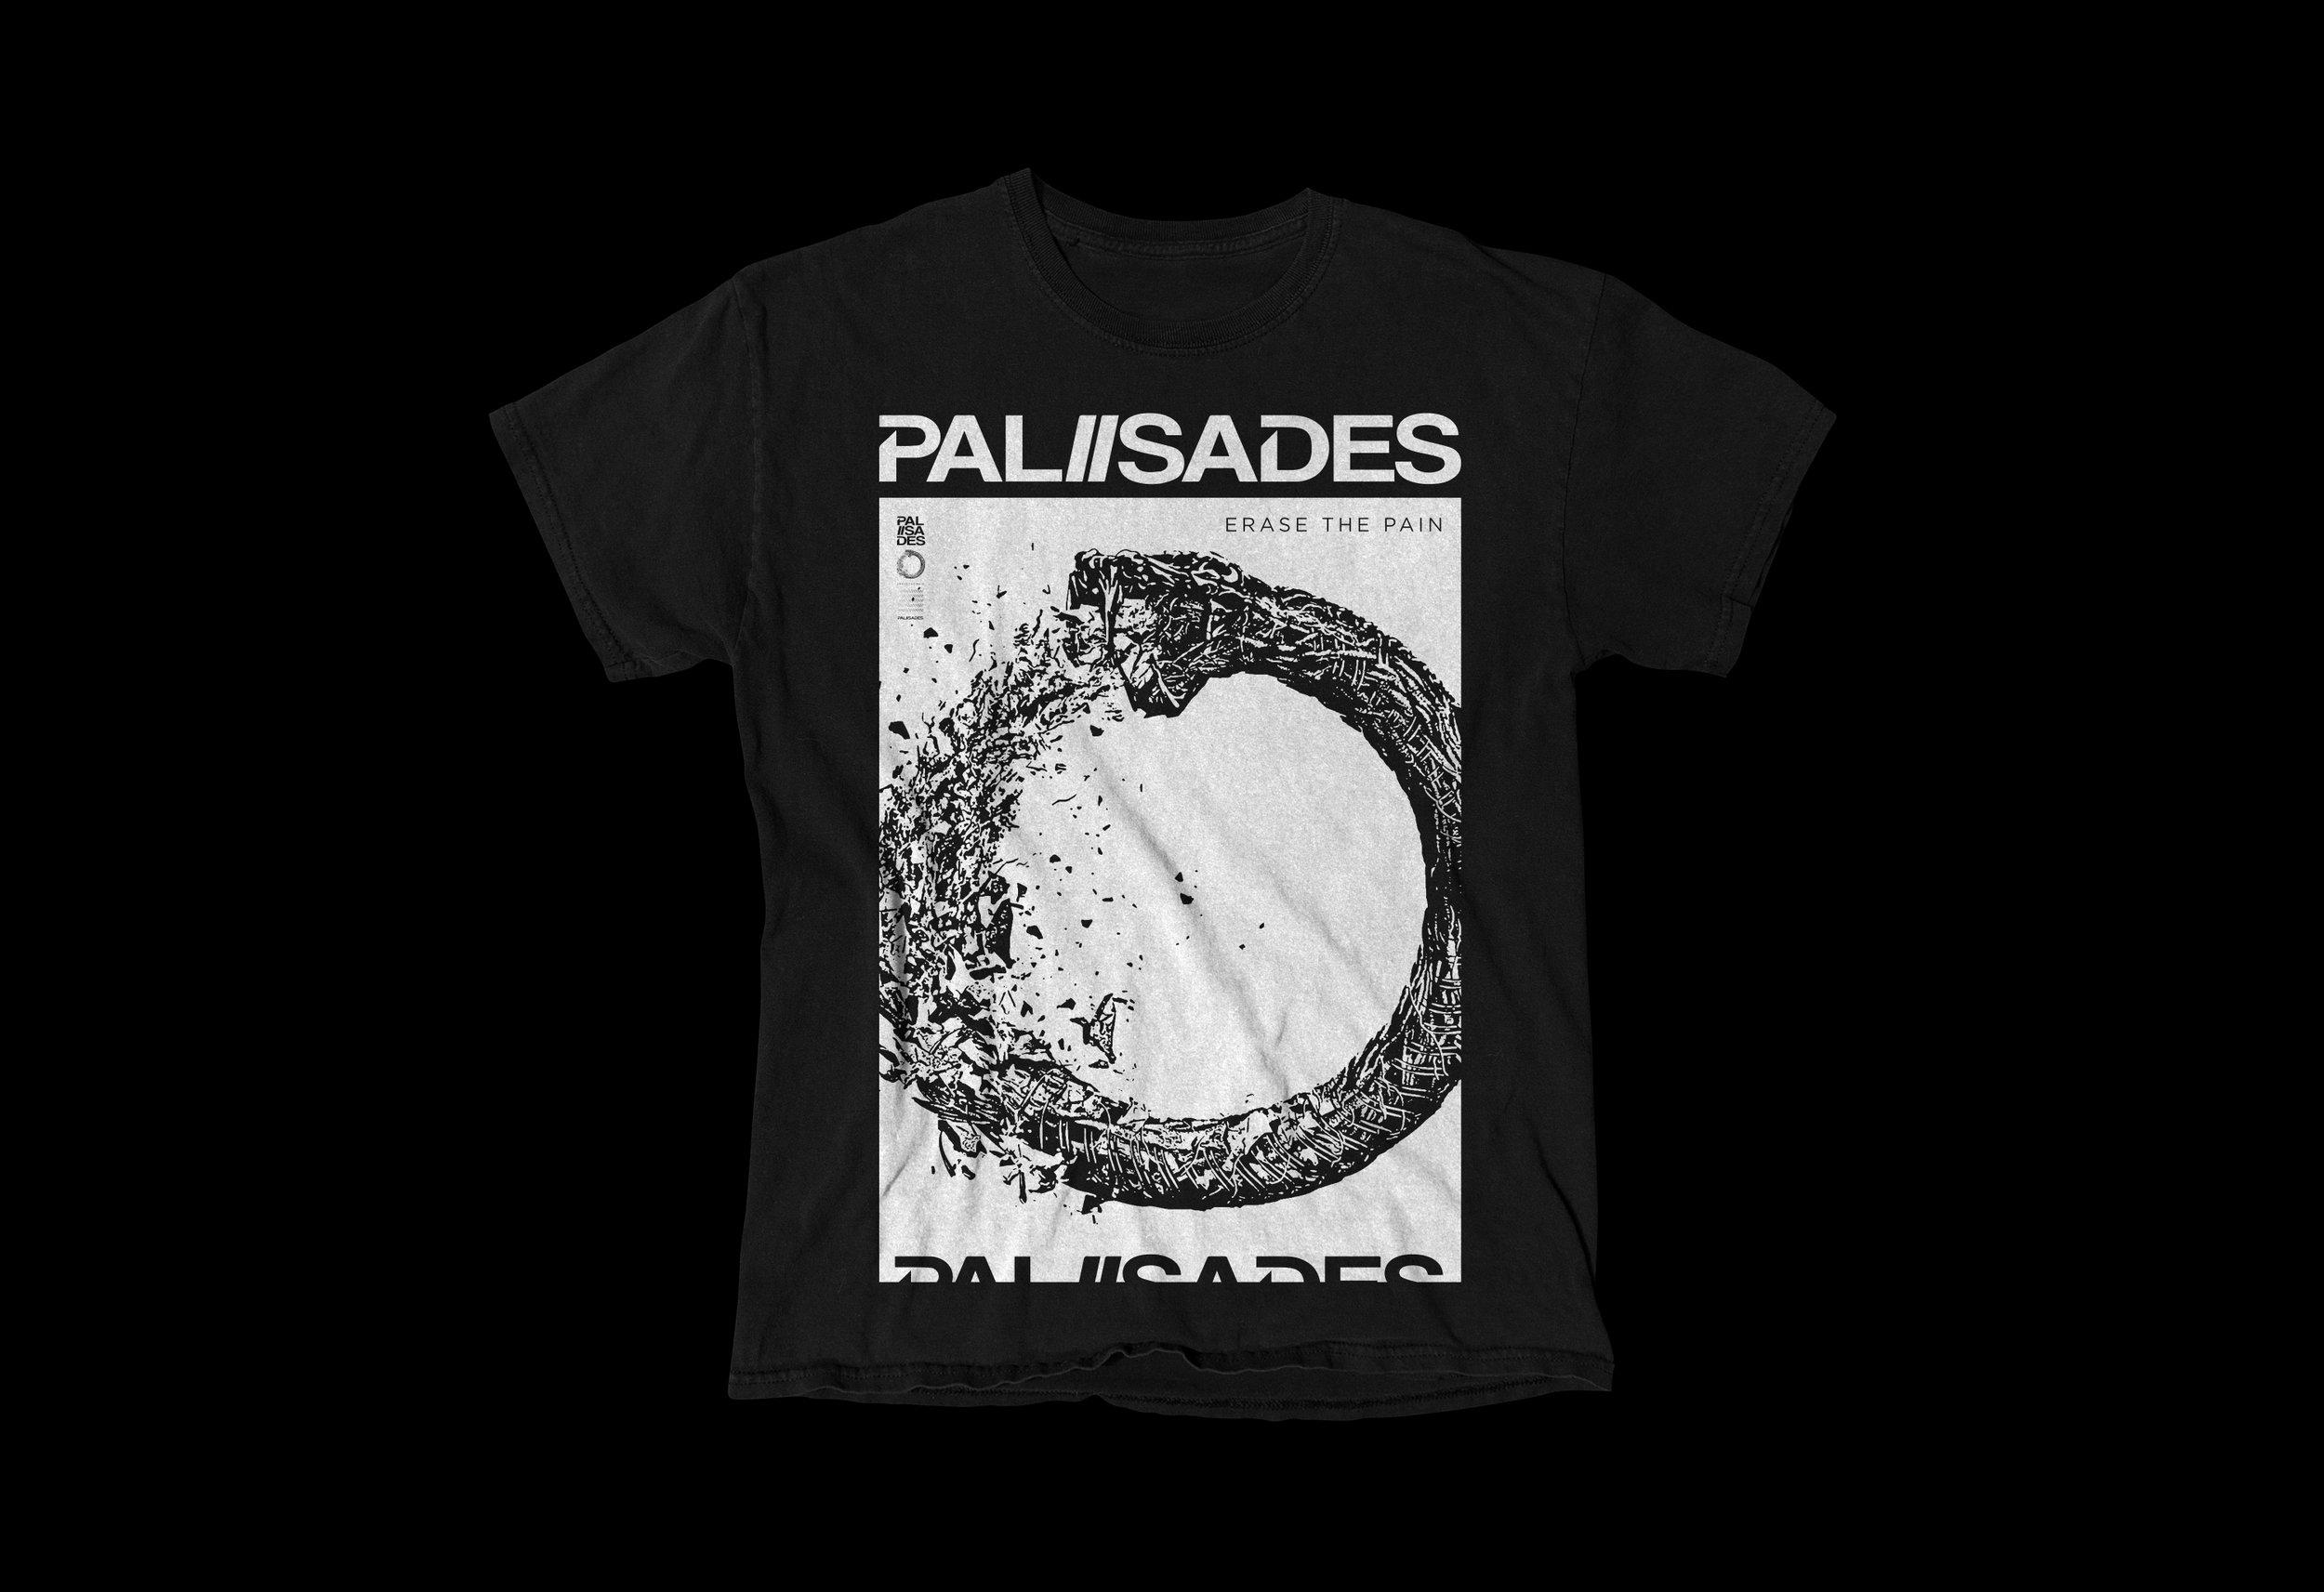 PALISADES_SHIRT_1.jpg